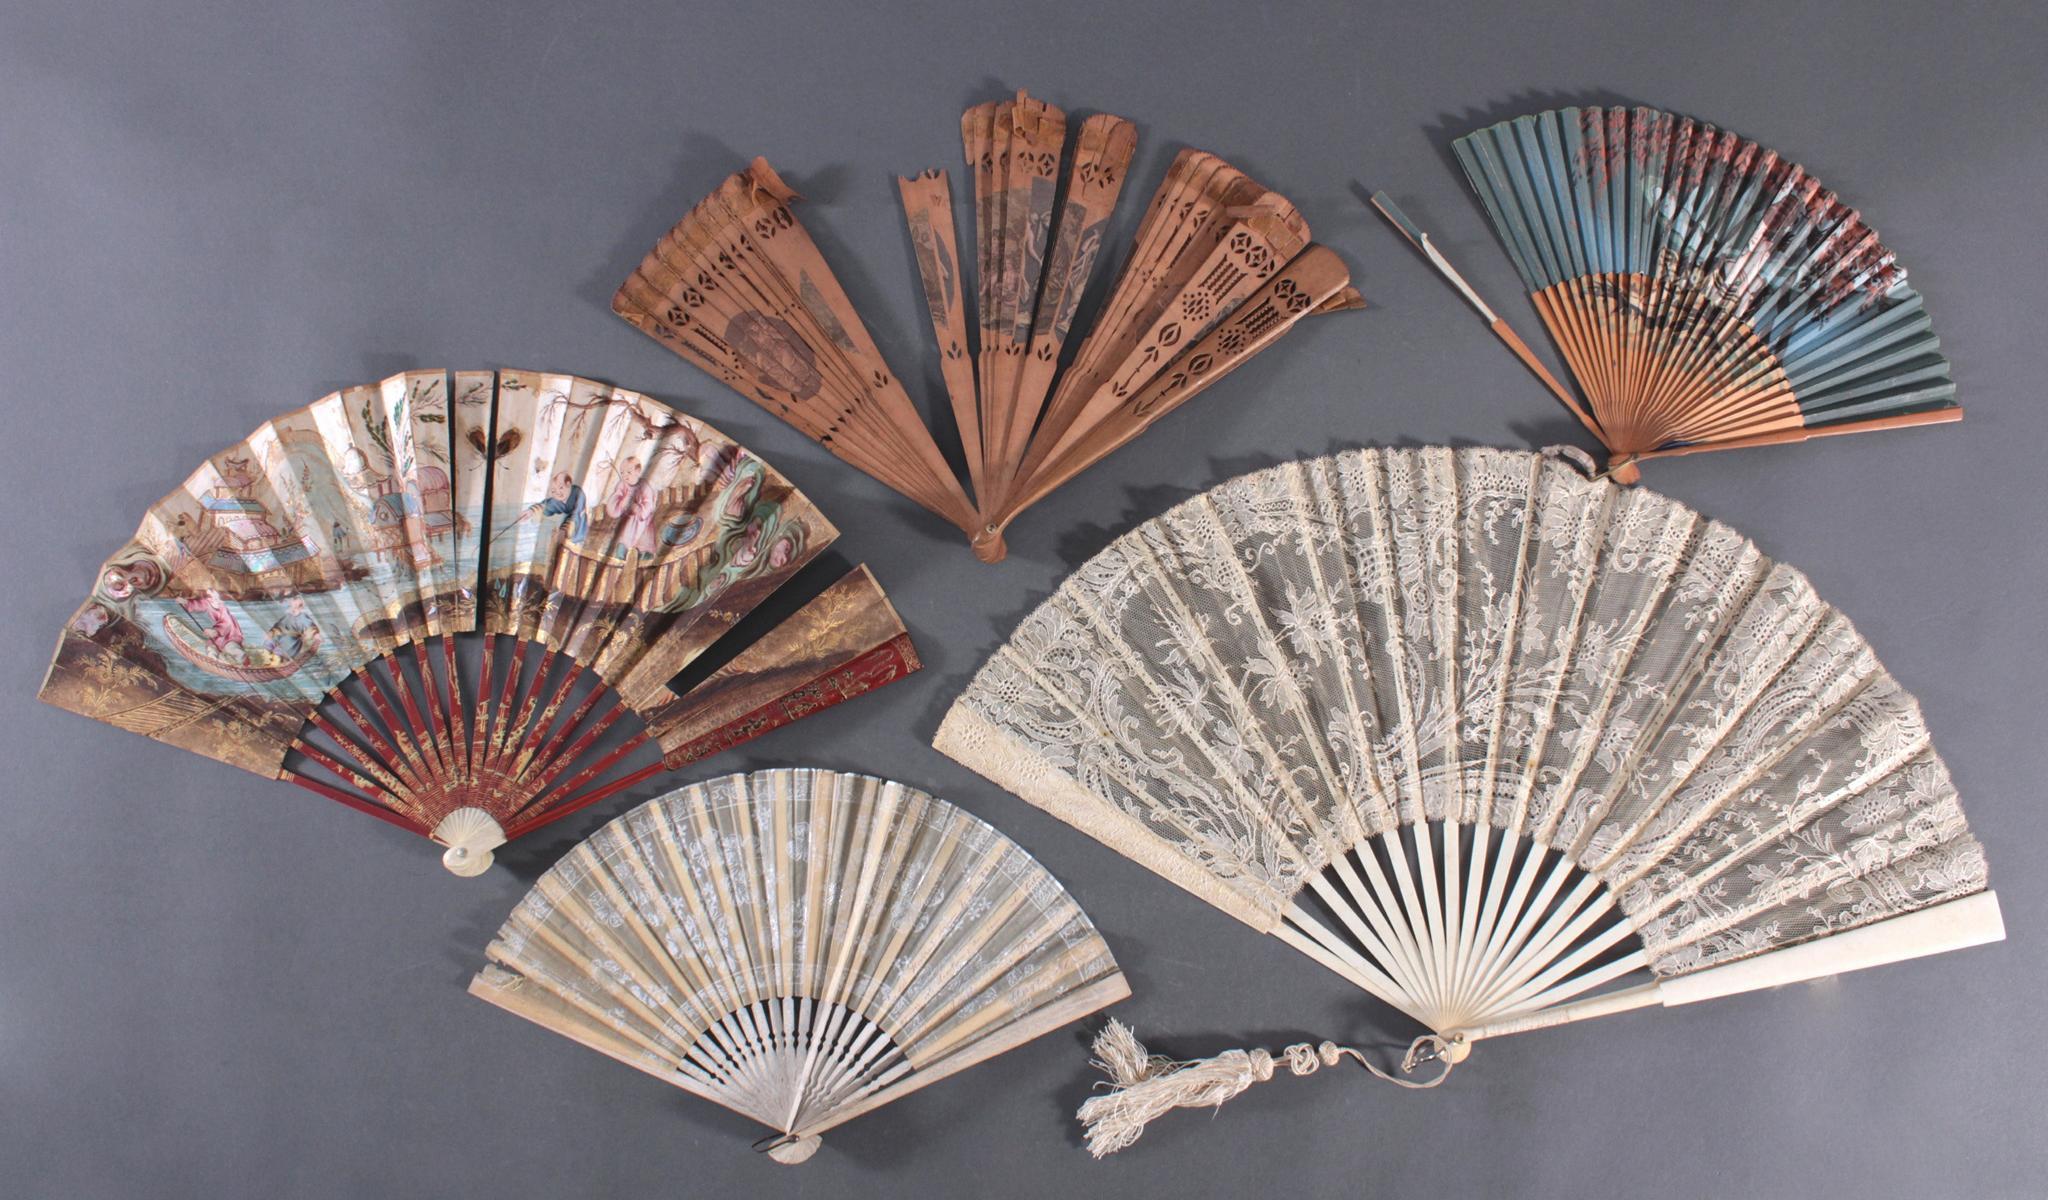 Fünf Fächer 18./19. Jahrhundert, Frankreich/Asien